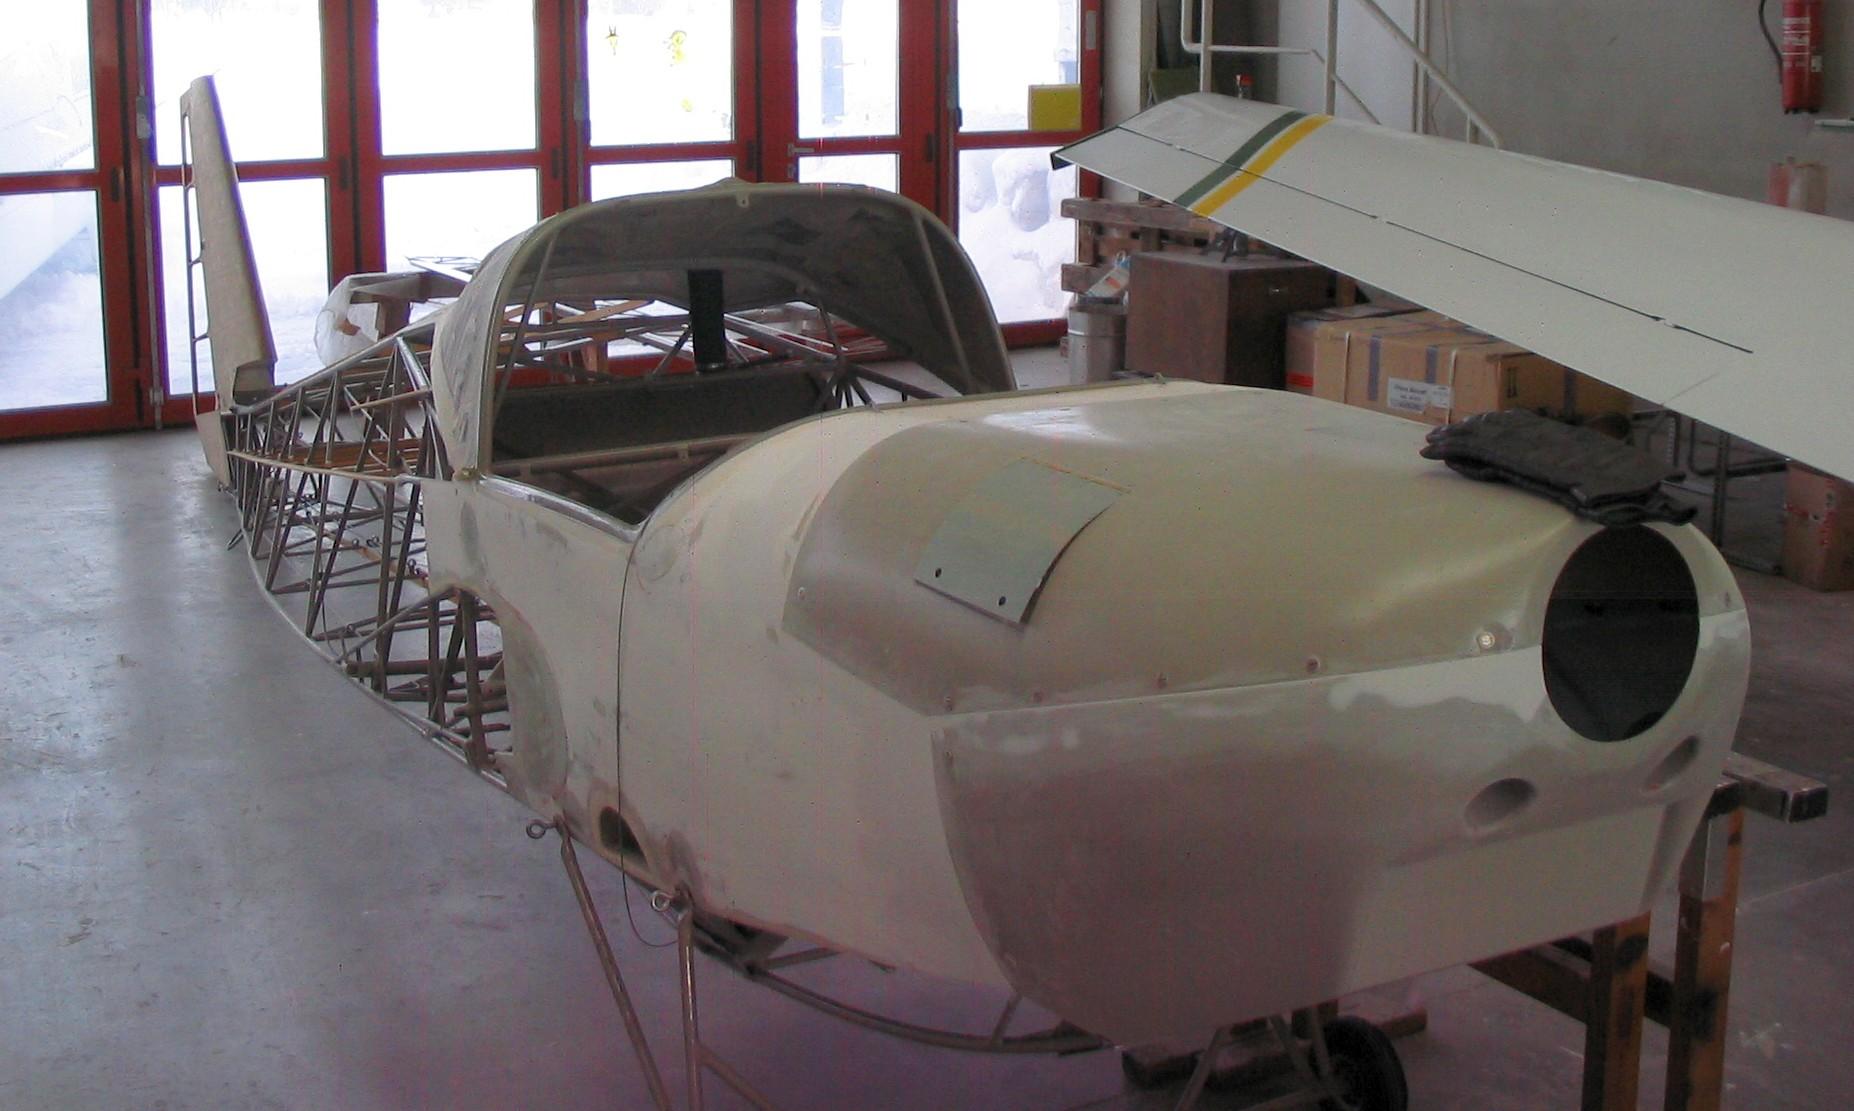 in der warmen Montagehalle von Scheibe Aircraft in Heubach